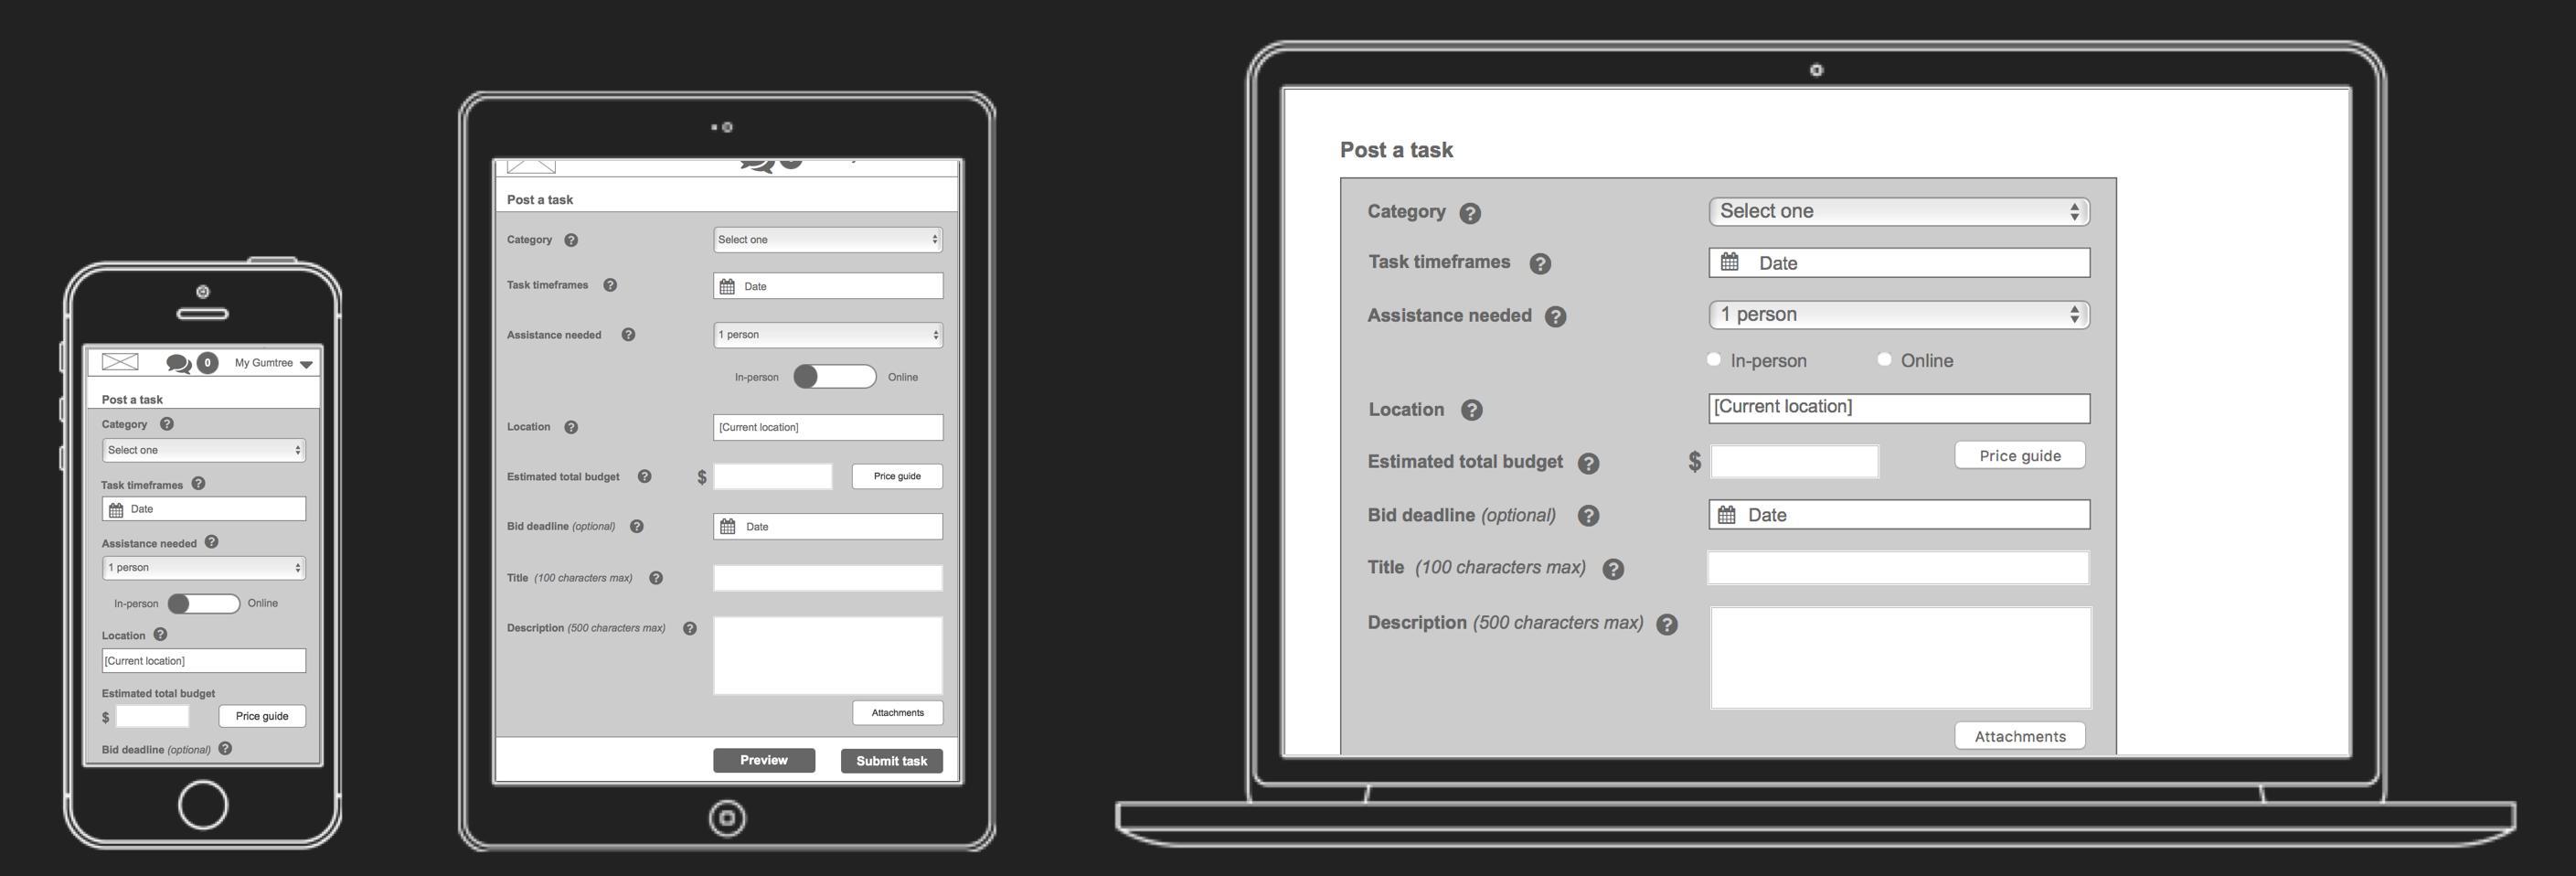 Gumtree responsive design